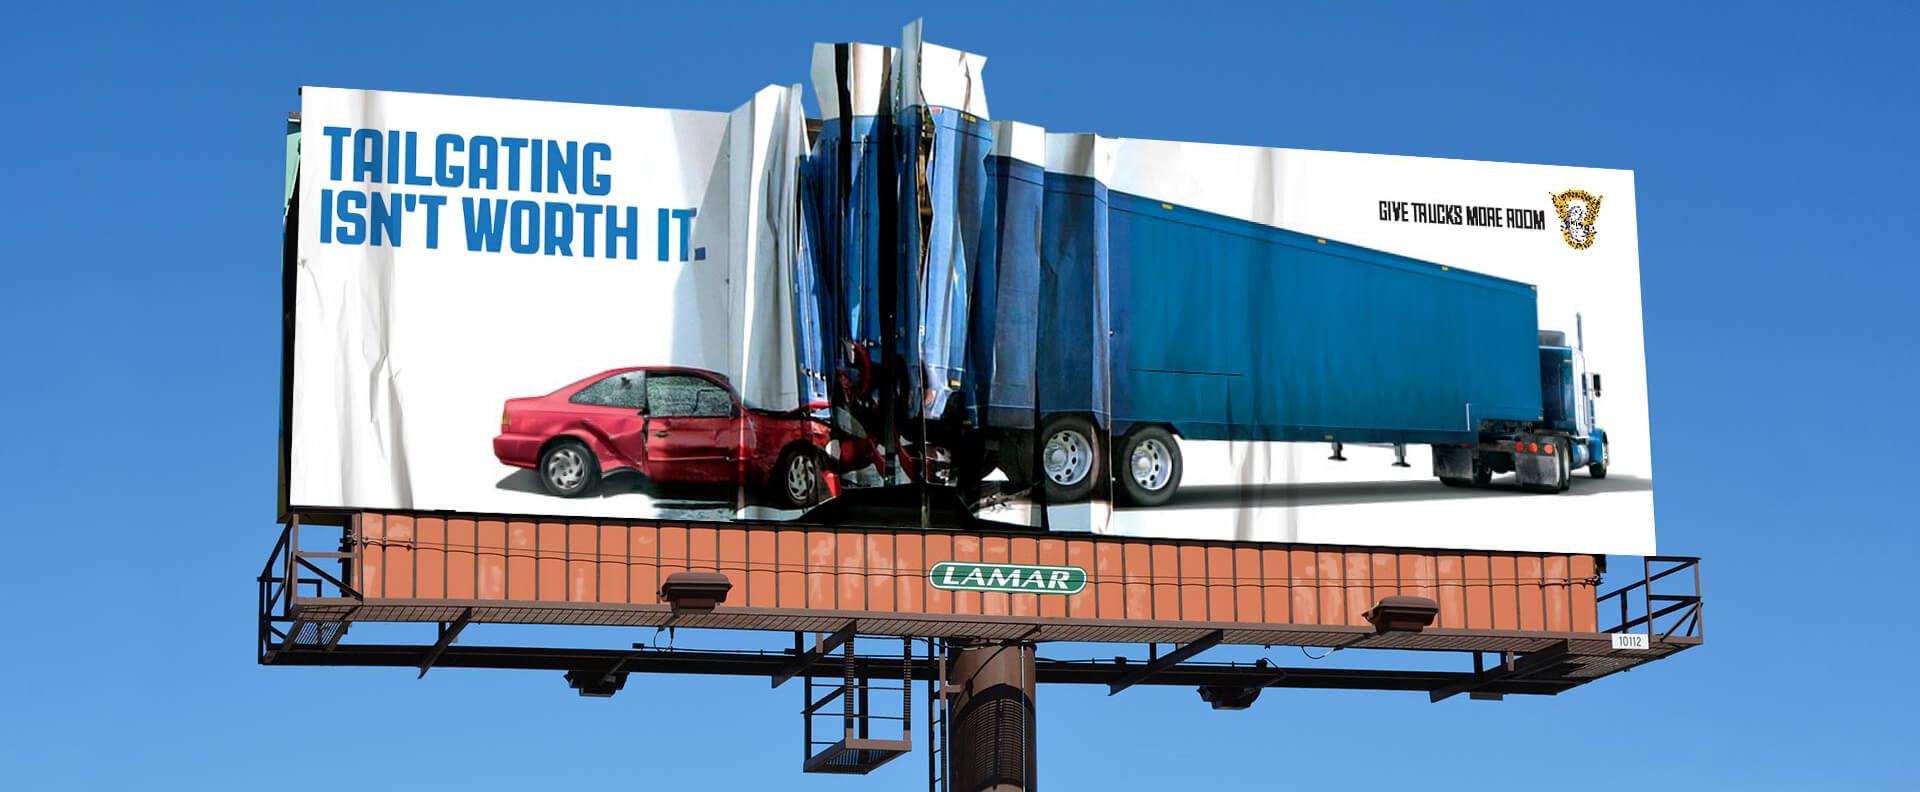 Реклама СТО на бигбордах, реклама автосервиса фото, бигборд, реклама автосервиса на бигборде